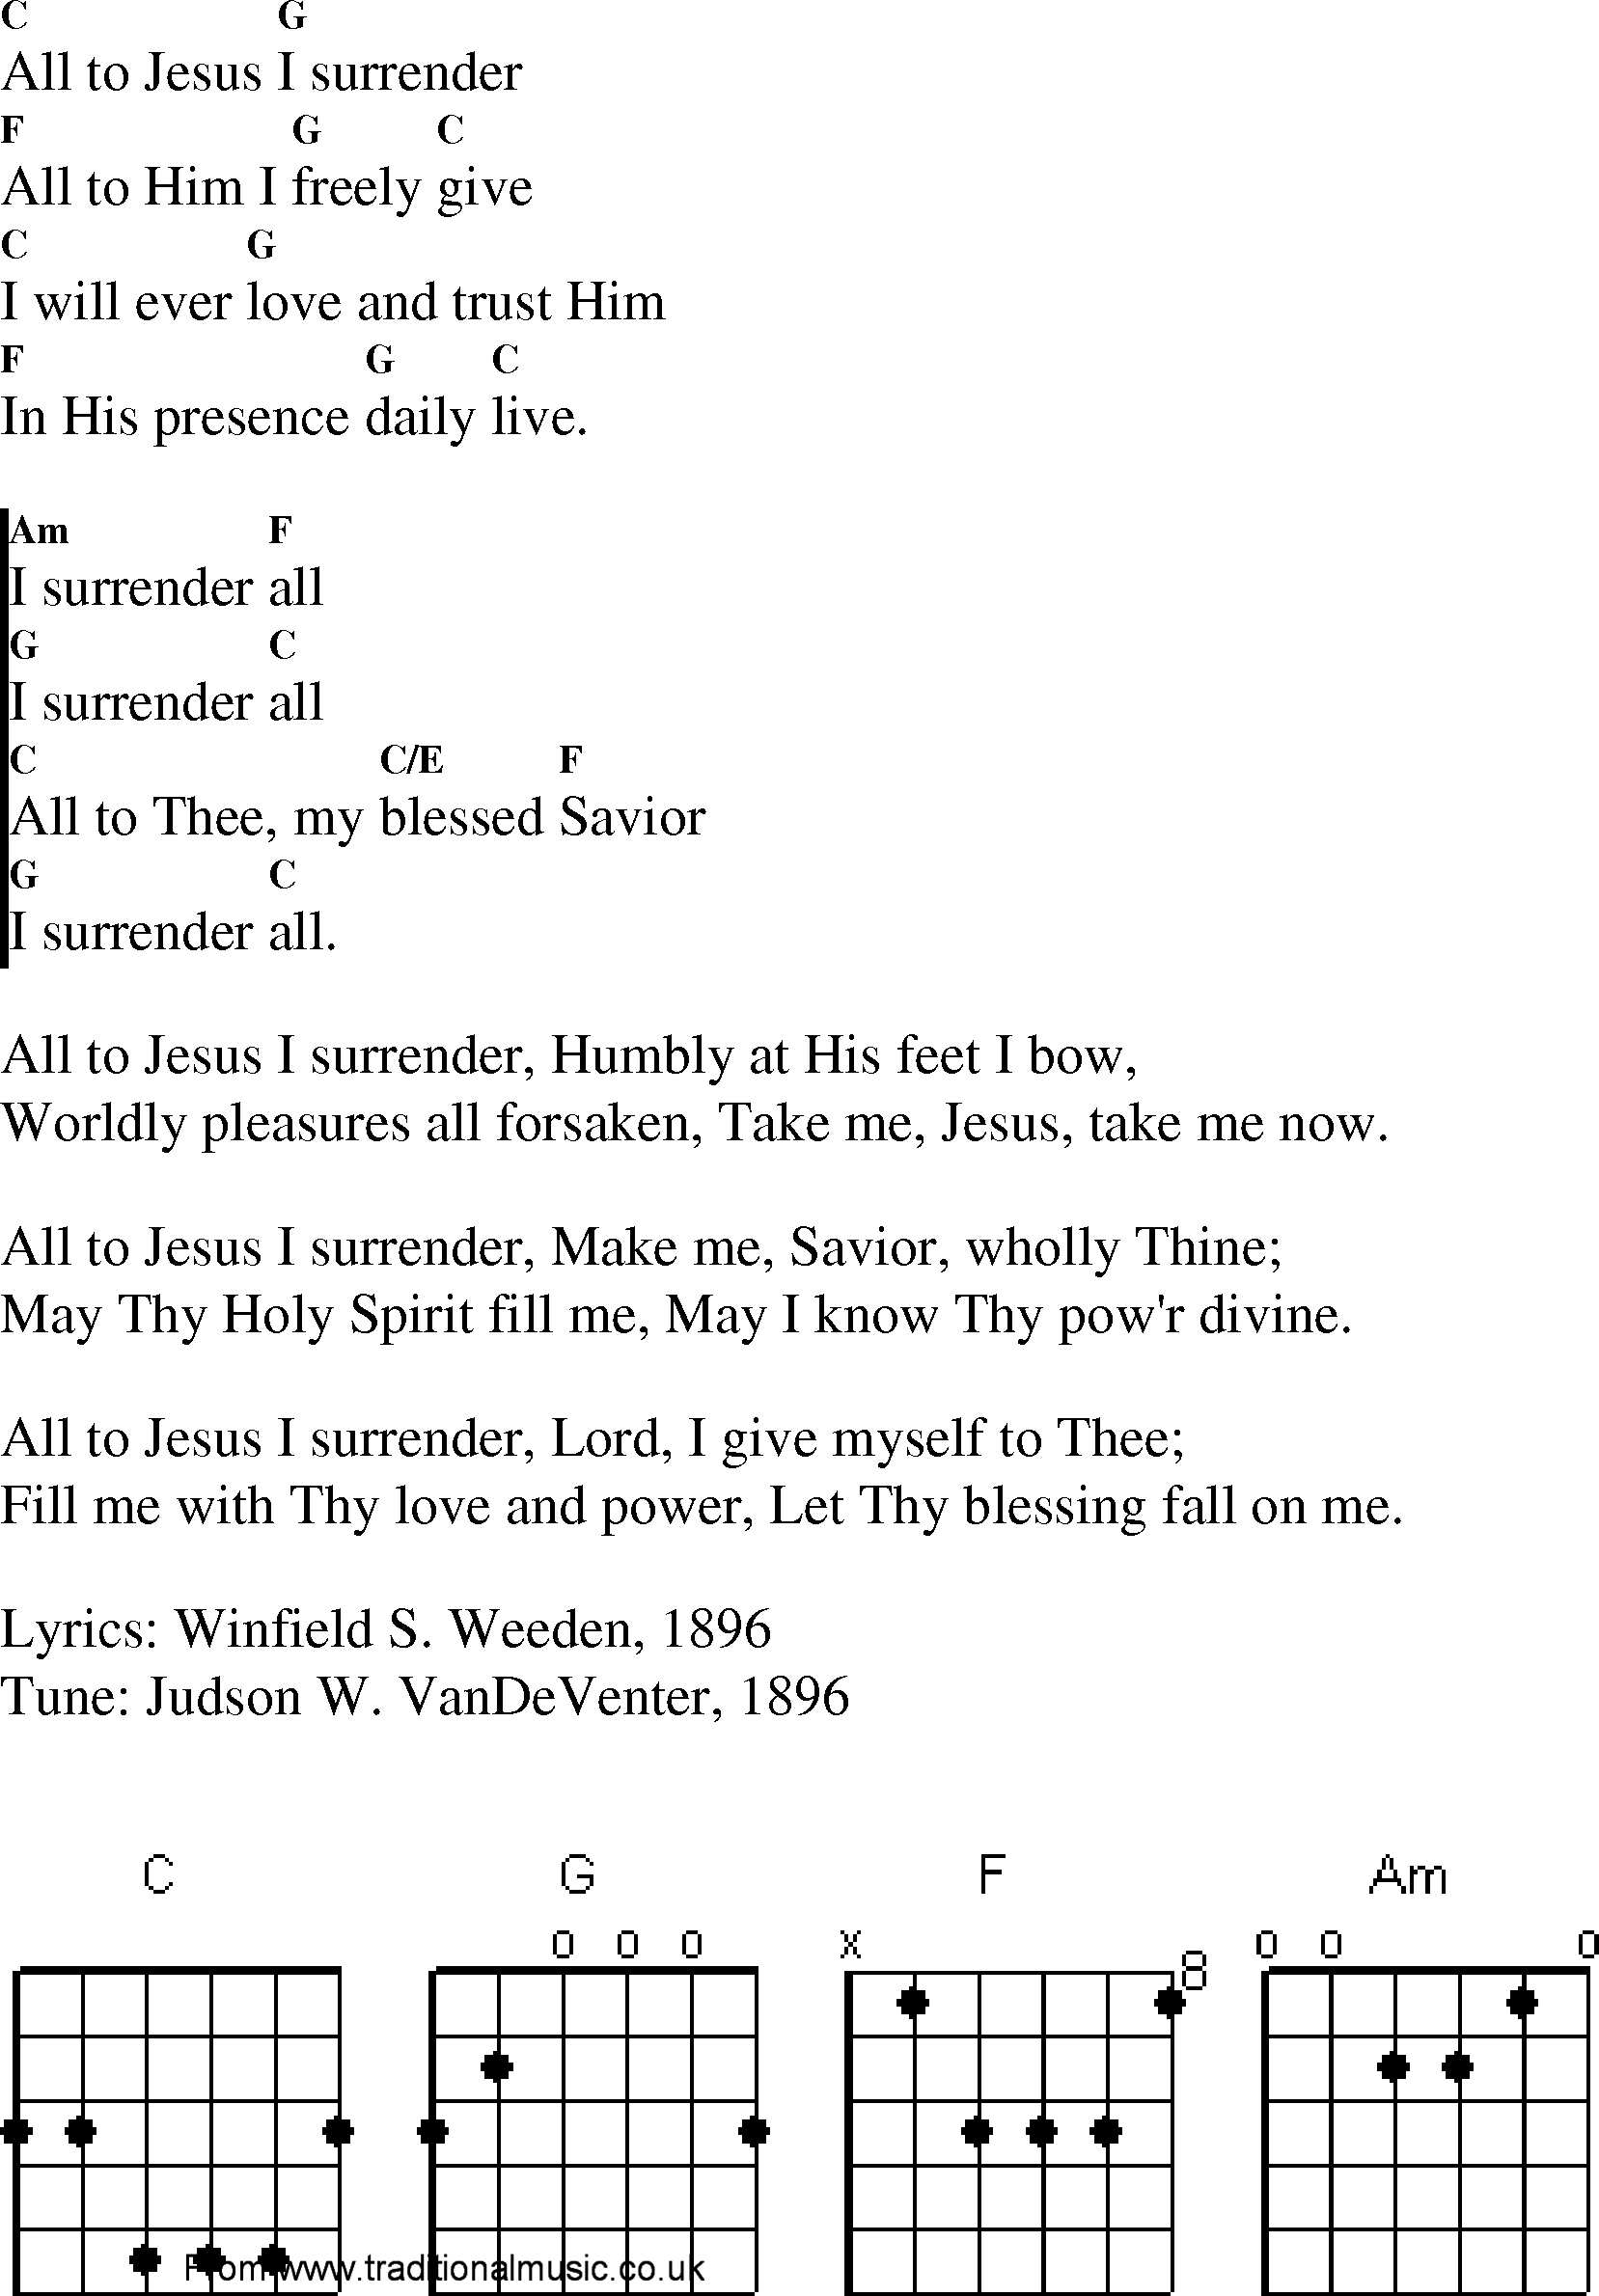 I Surrender Chords Christian Gospel Worship Song Lyrics With Chords I Surrender All